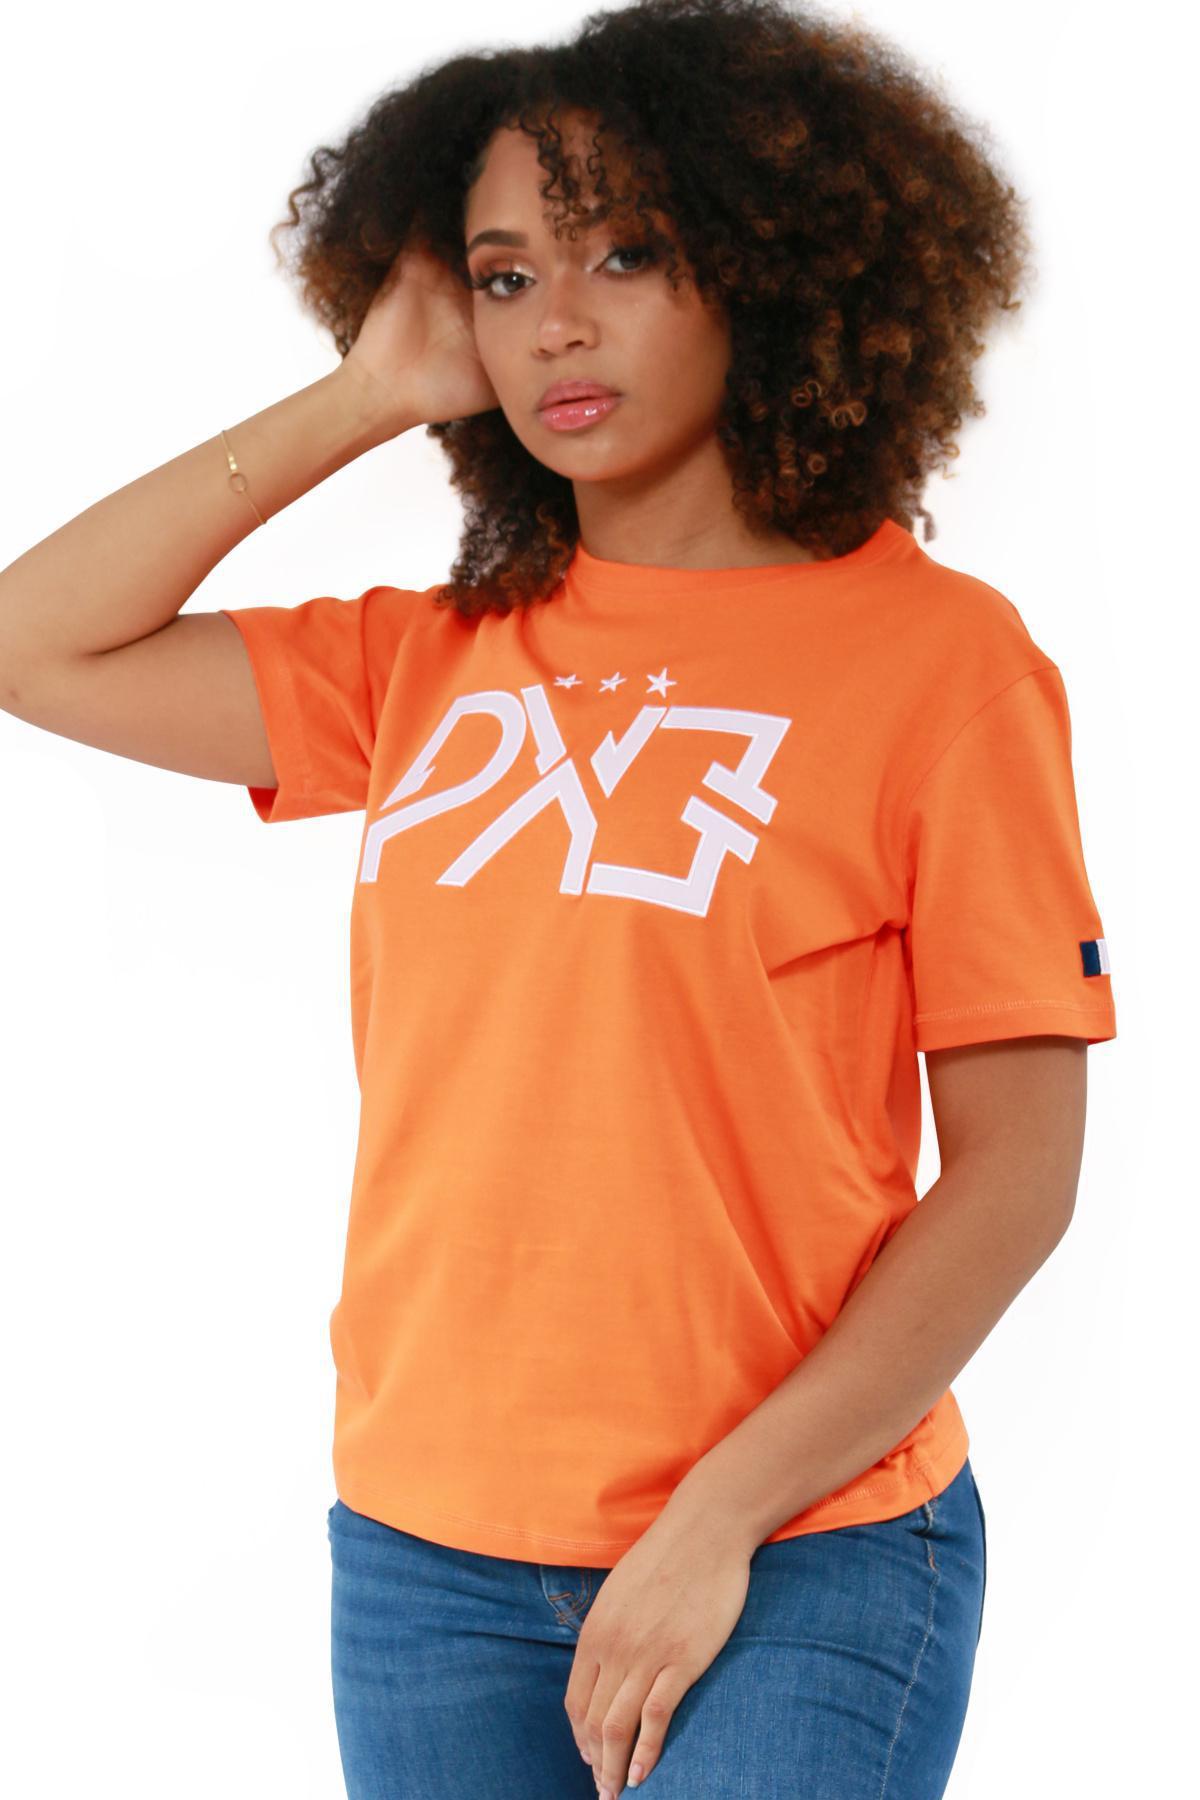 PK3 | Streetwear designed by Presnel Kimpembe